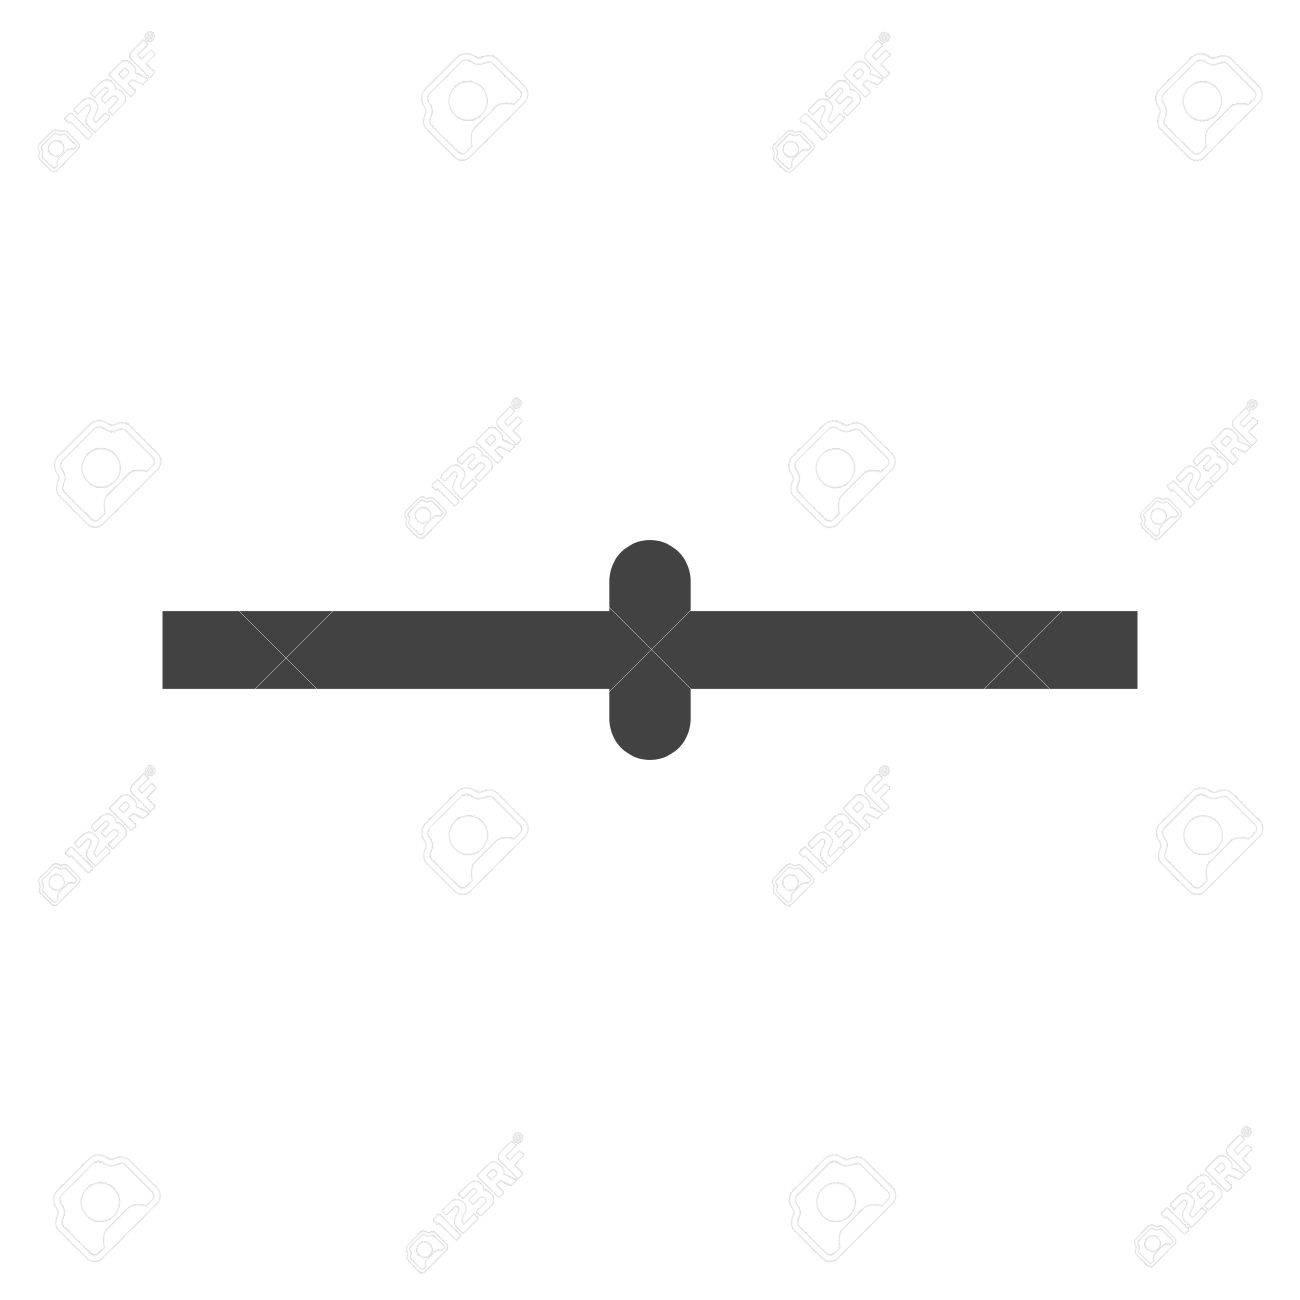 Wunderbar Symbole Für Elektrischen Strom Ideen - Schaltplan Serie ...